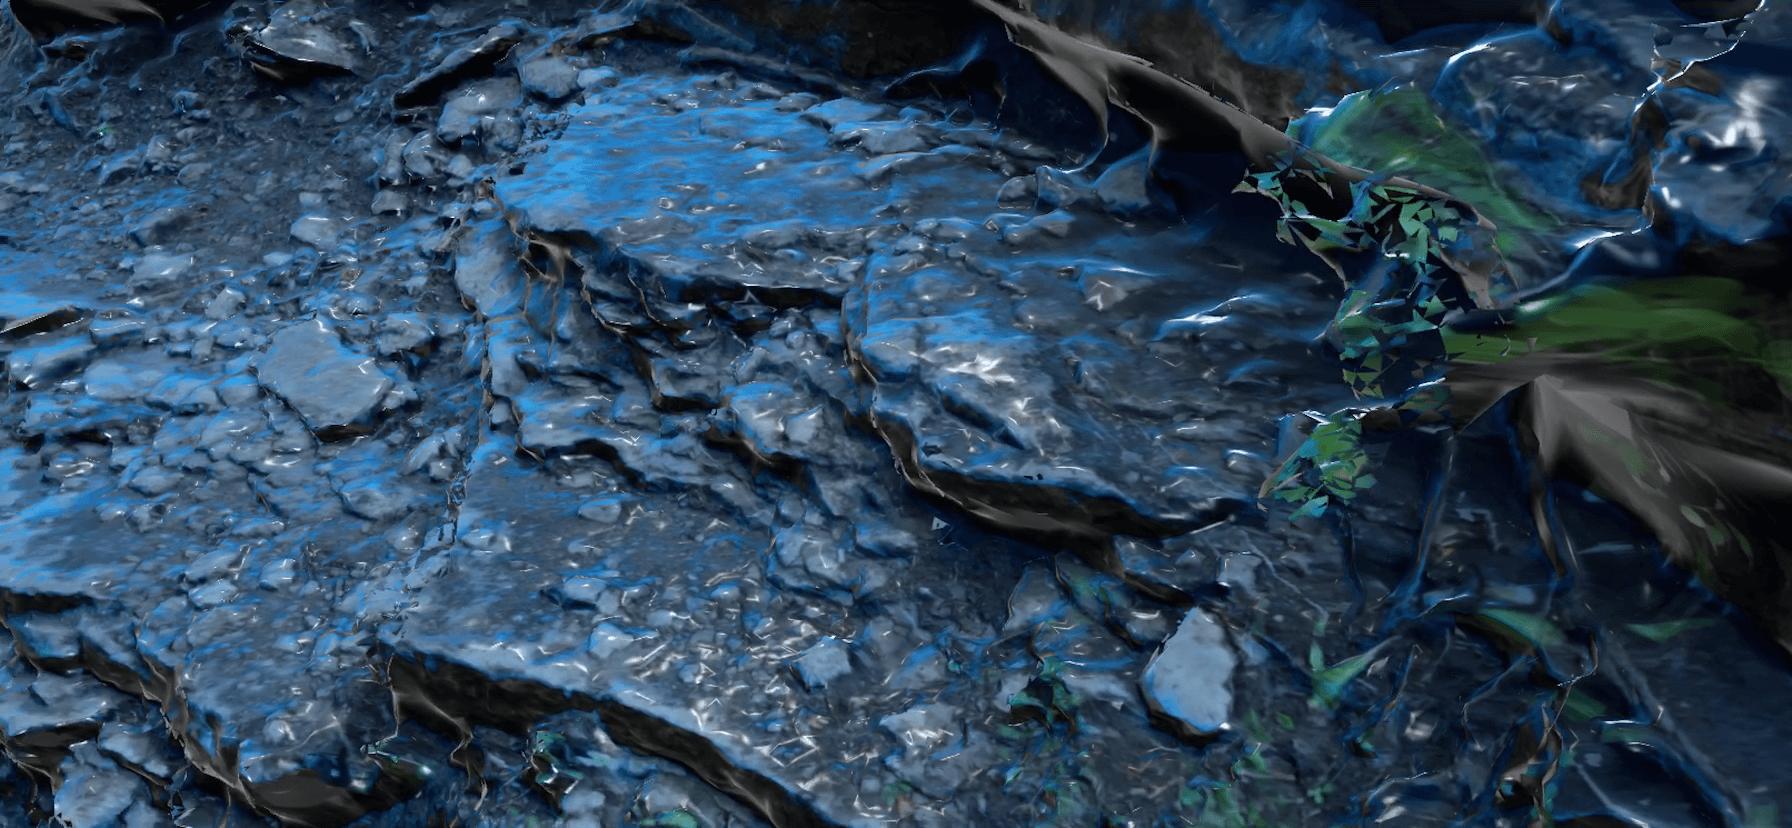 コンクリートが山道に!?WEBARで濡れた岩肌を置いてみた。